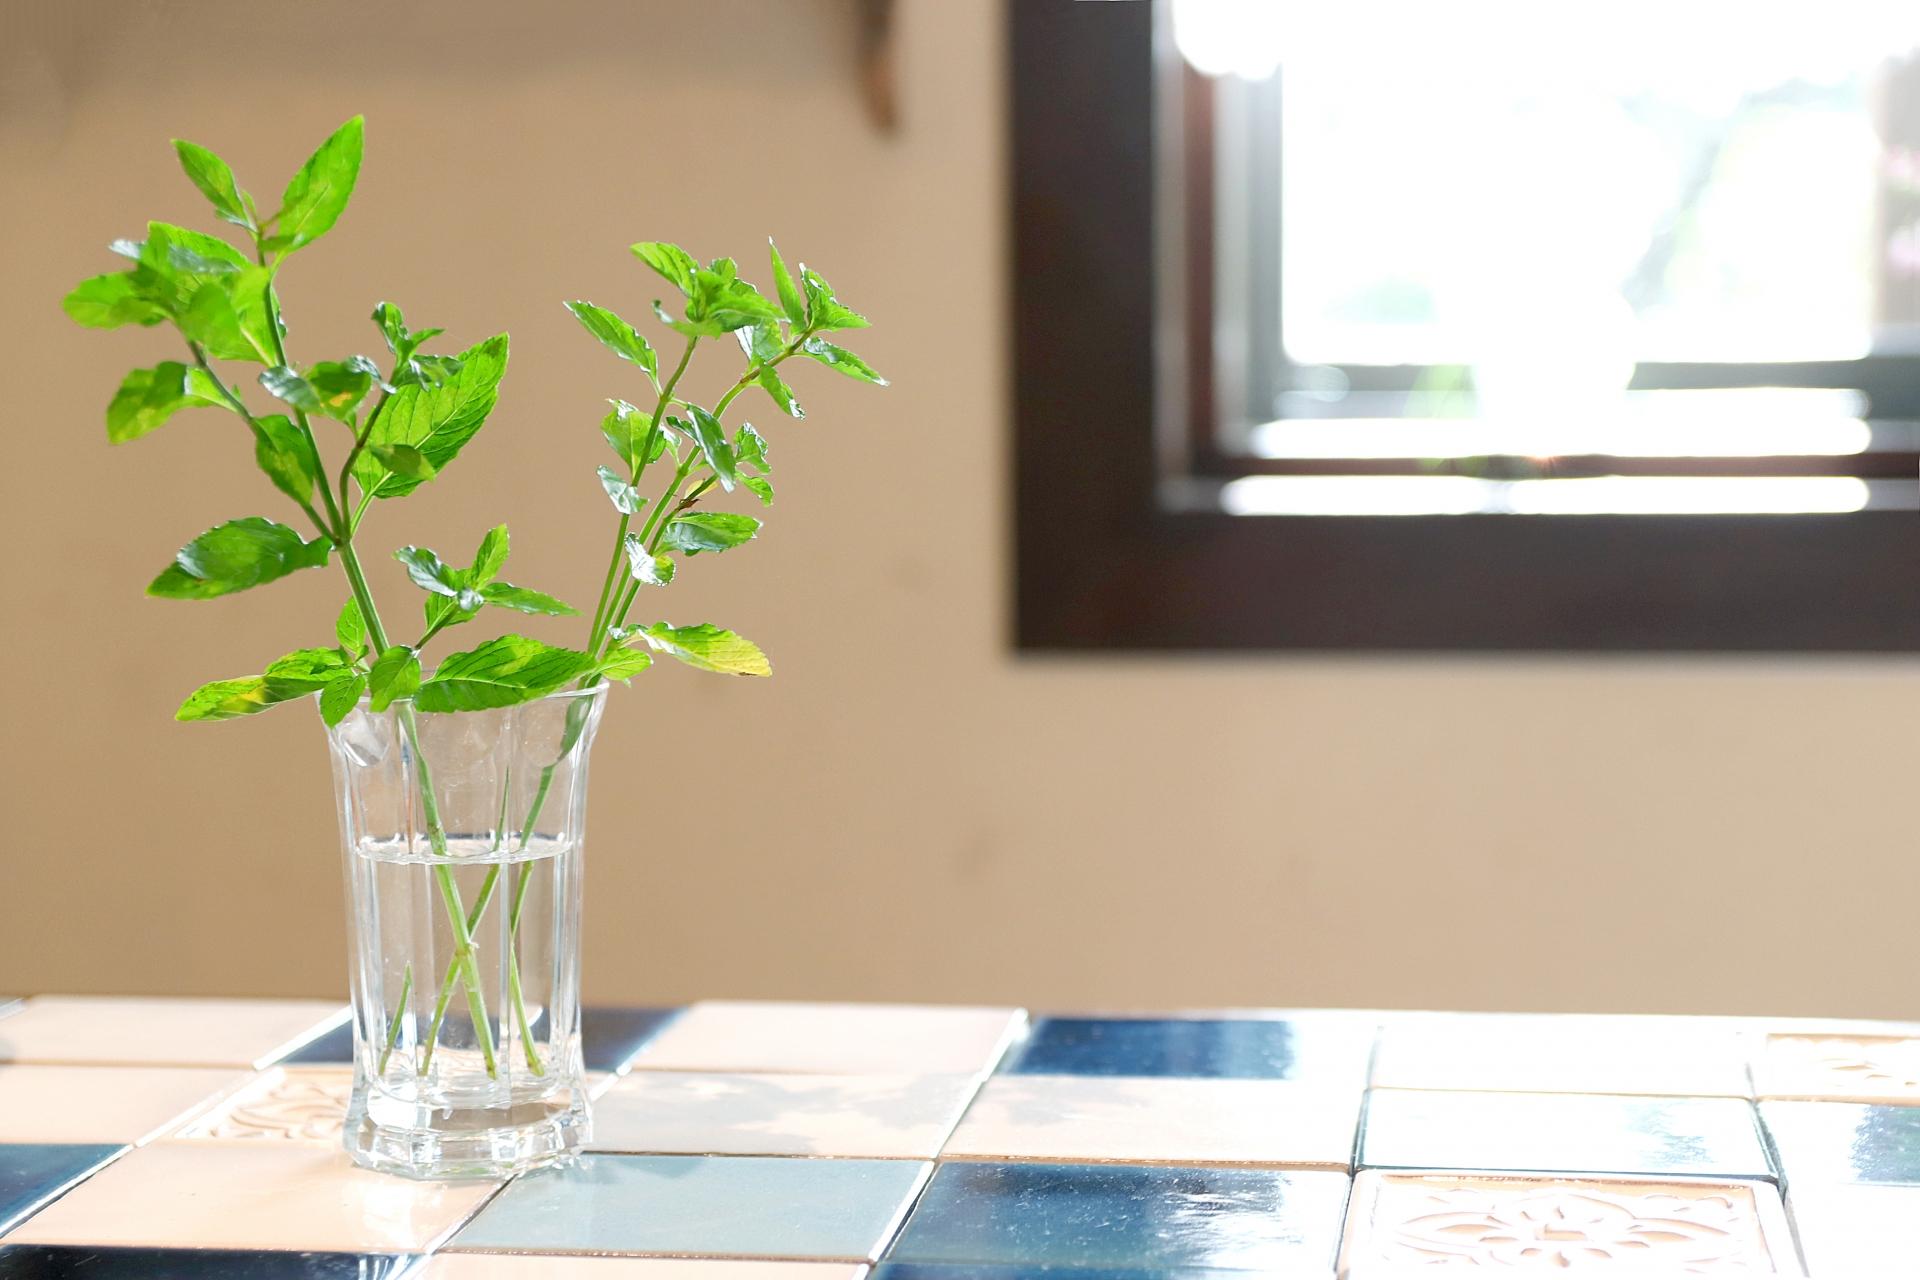 ハーブの室内栽培で虫がついた時の対処法。虫がつかない方法も